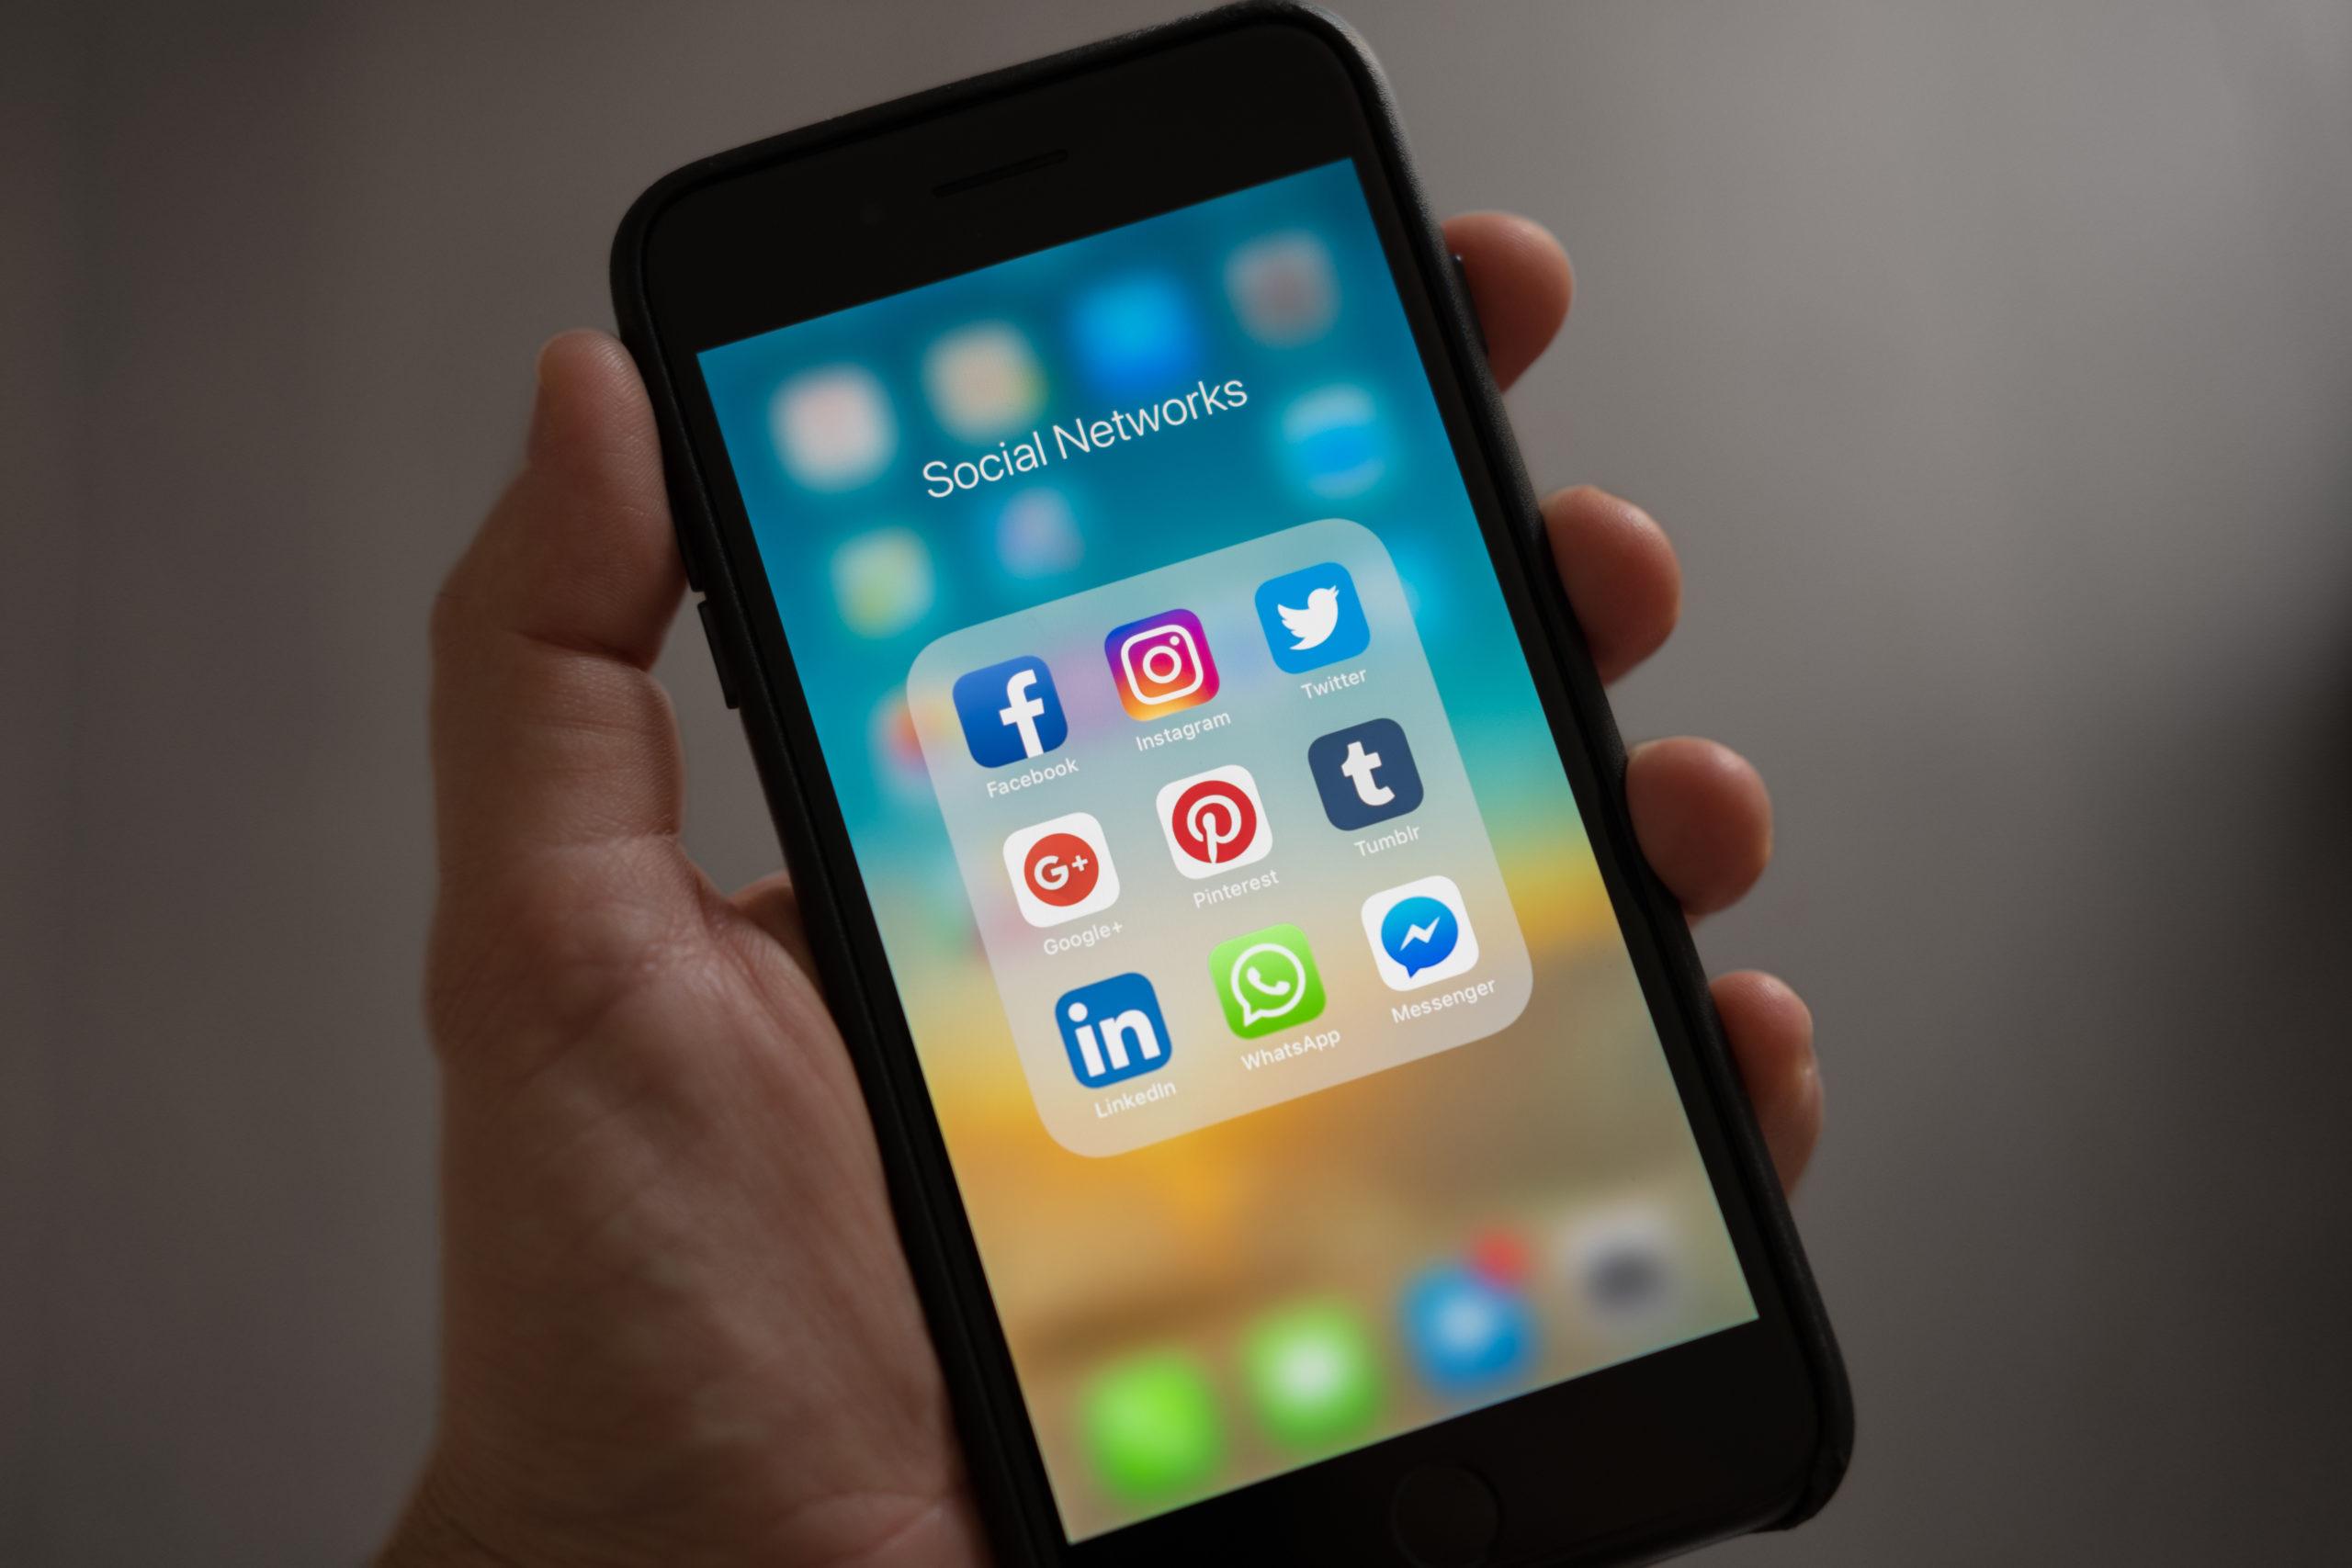 Sociale netwerken op een telefoontoestel